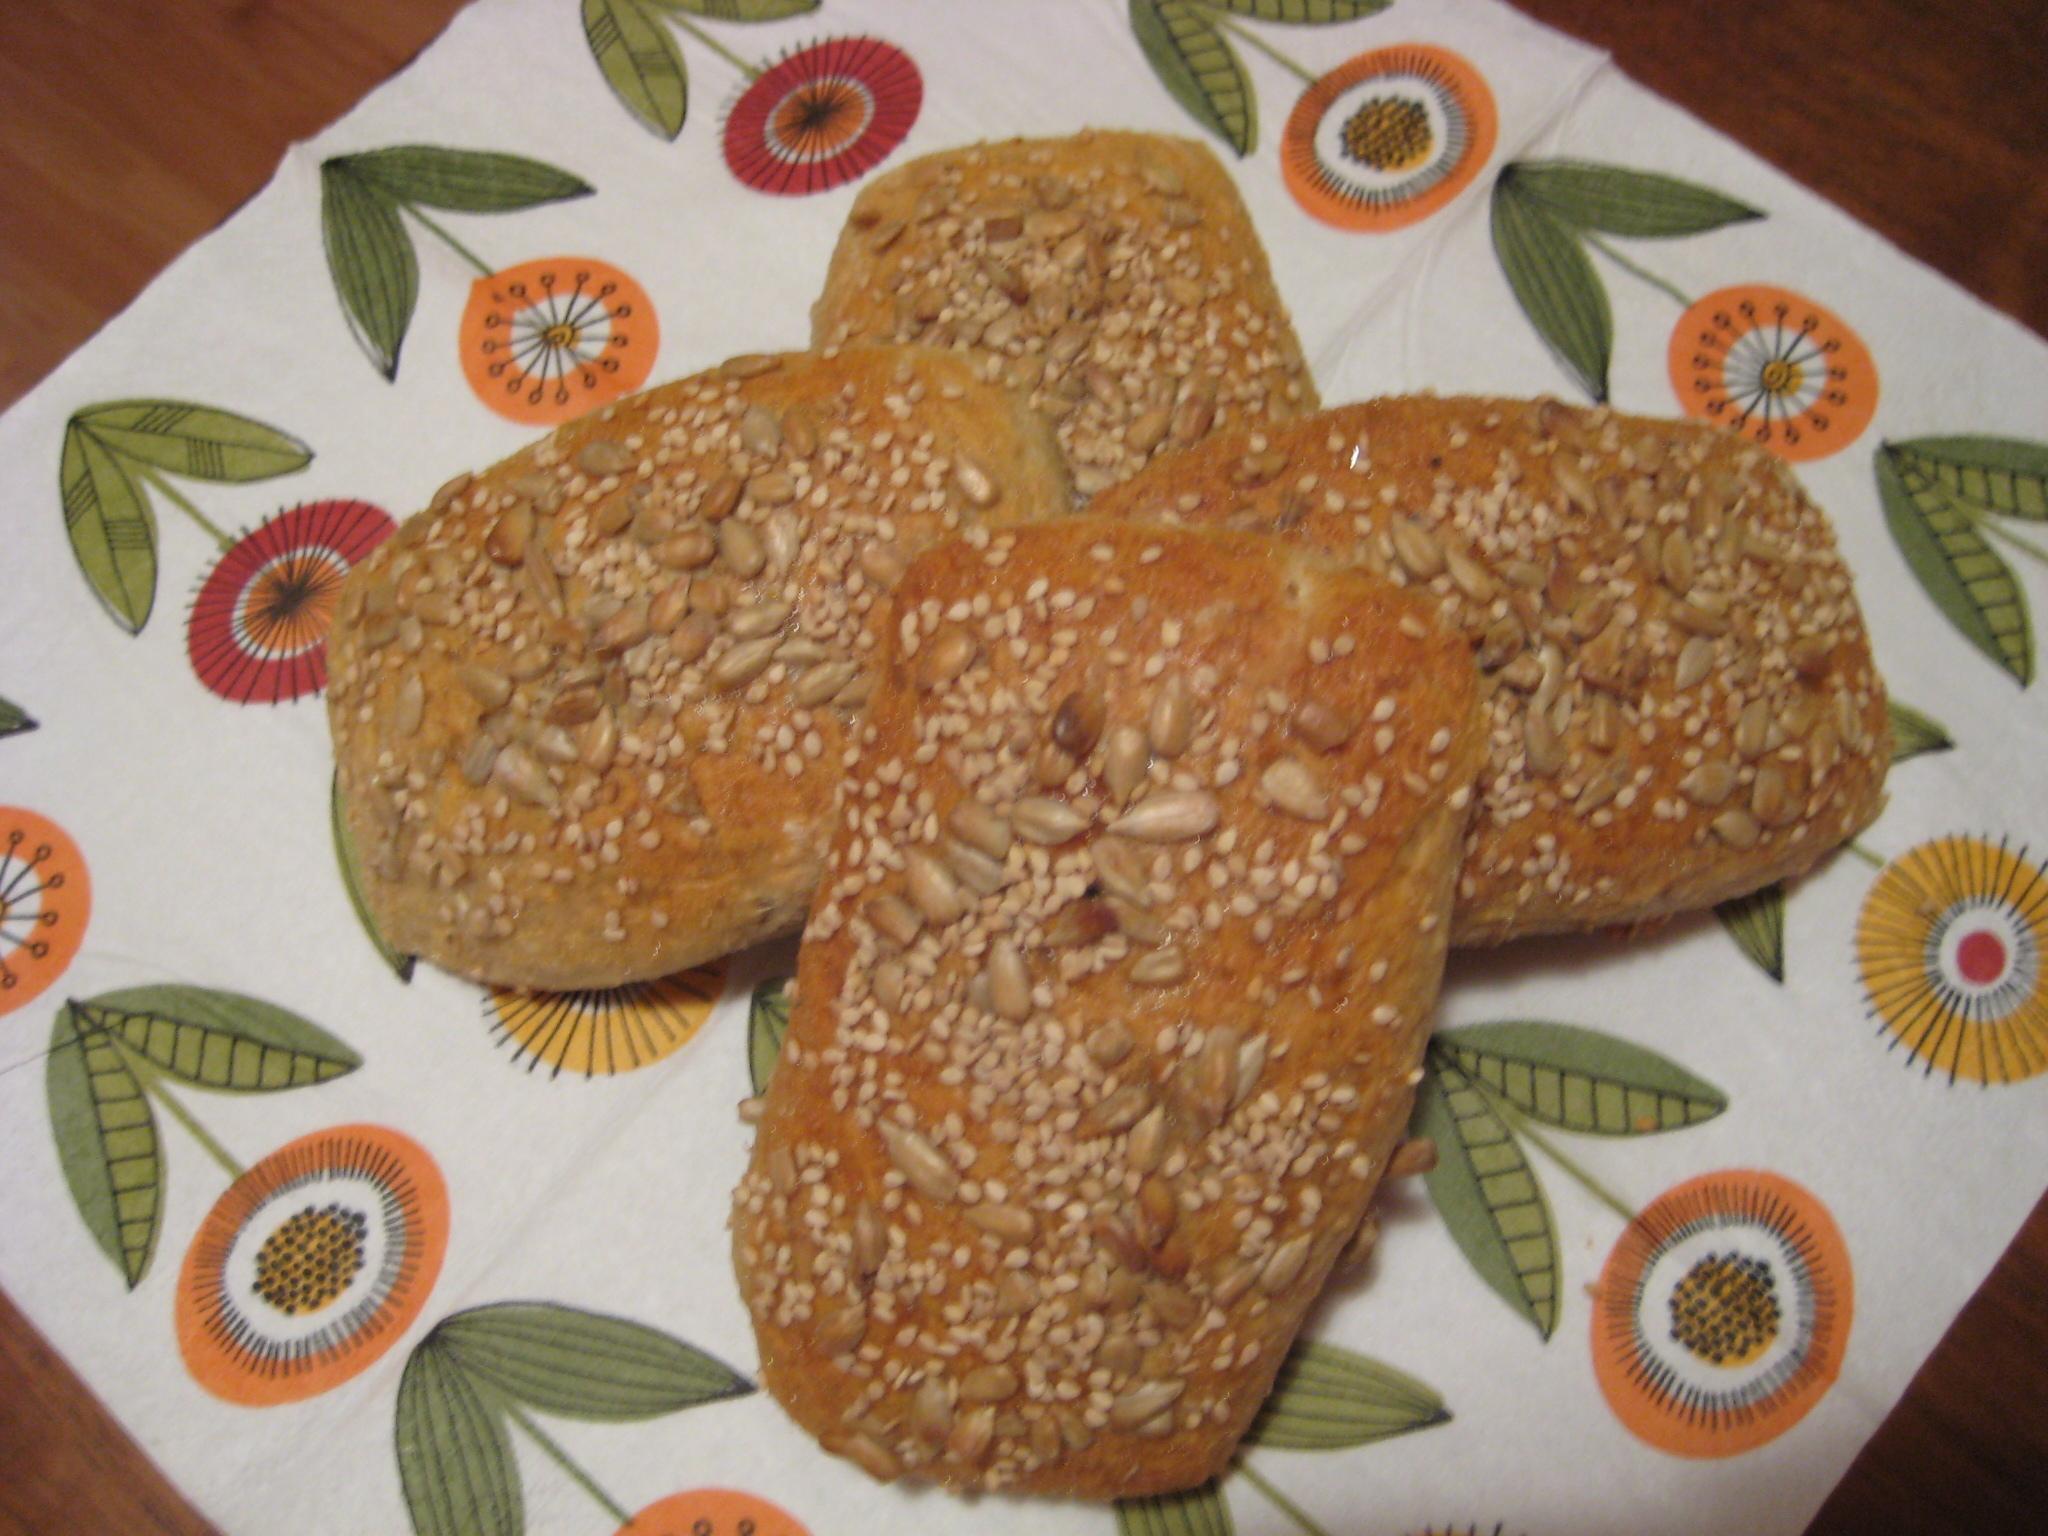 grovt bröd med hela korn